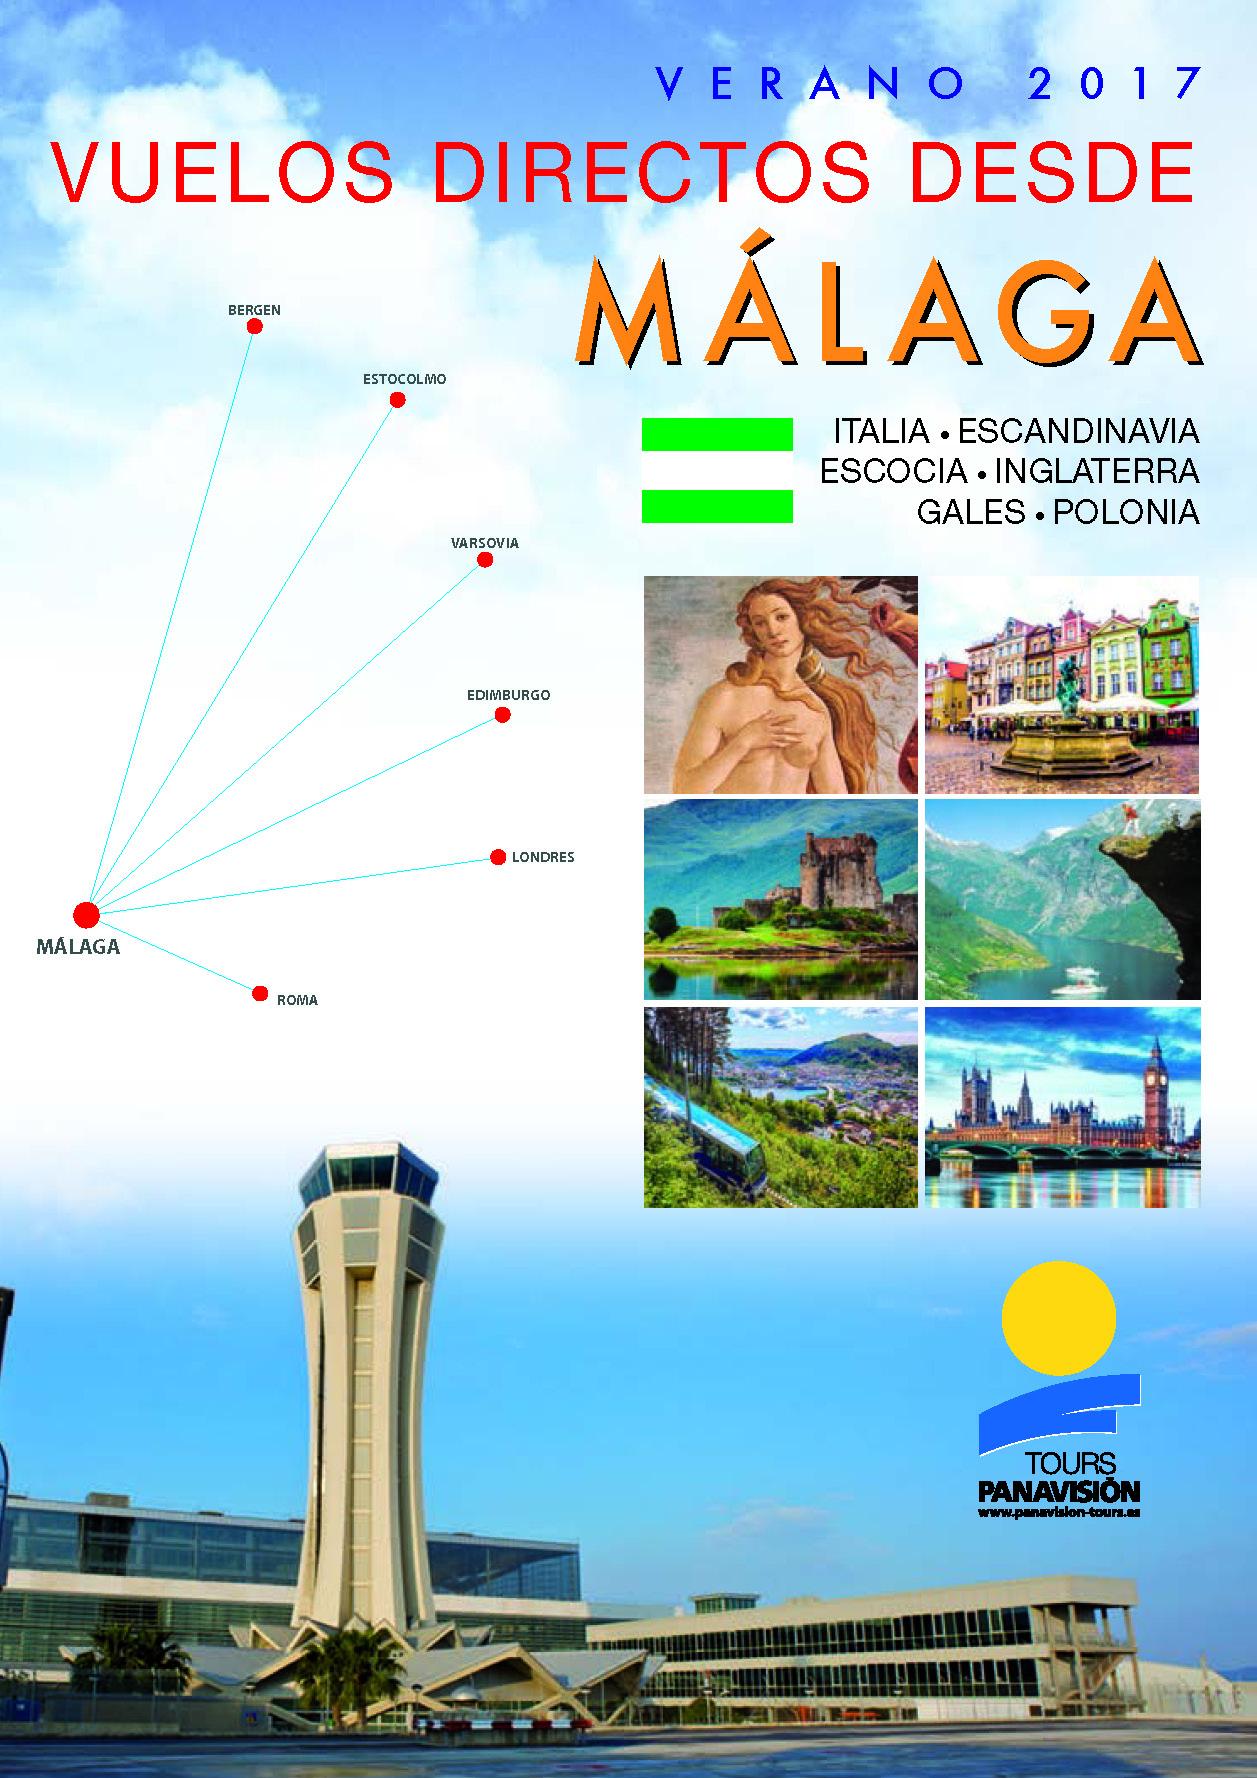 Catalogo Panavision Tours Circuitos Vuelo Directo Malaga 2017 AG7